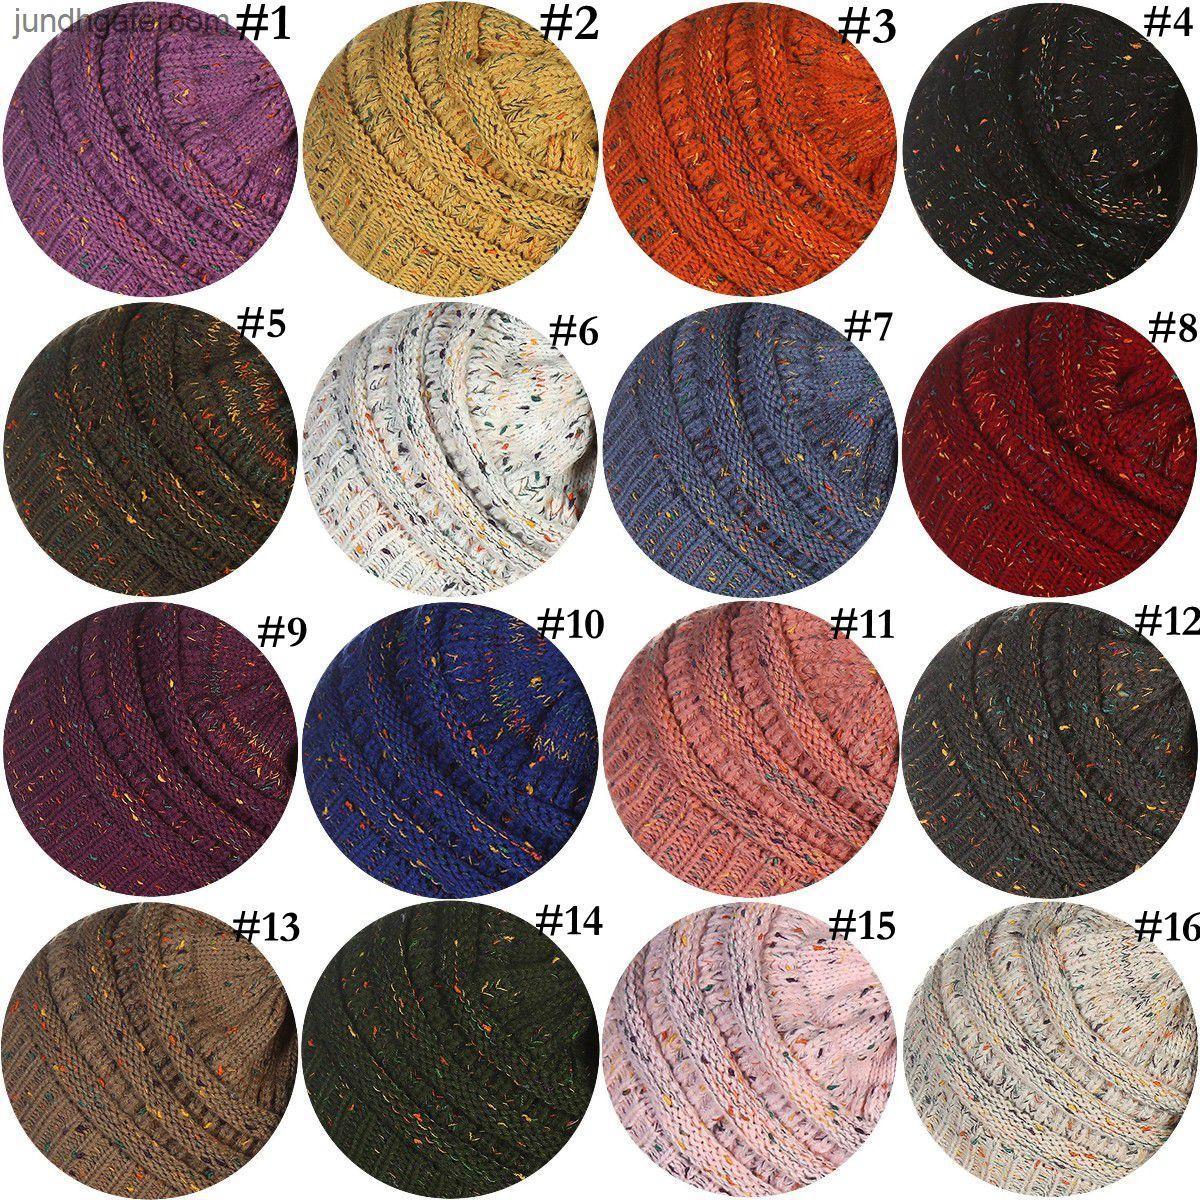 Вязаная шапка 26 Цветов Мягкие растягивающиеся Женщины Кабельный вязаный зимний Теплый череп Beanie 30 шт. OOA3836